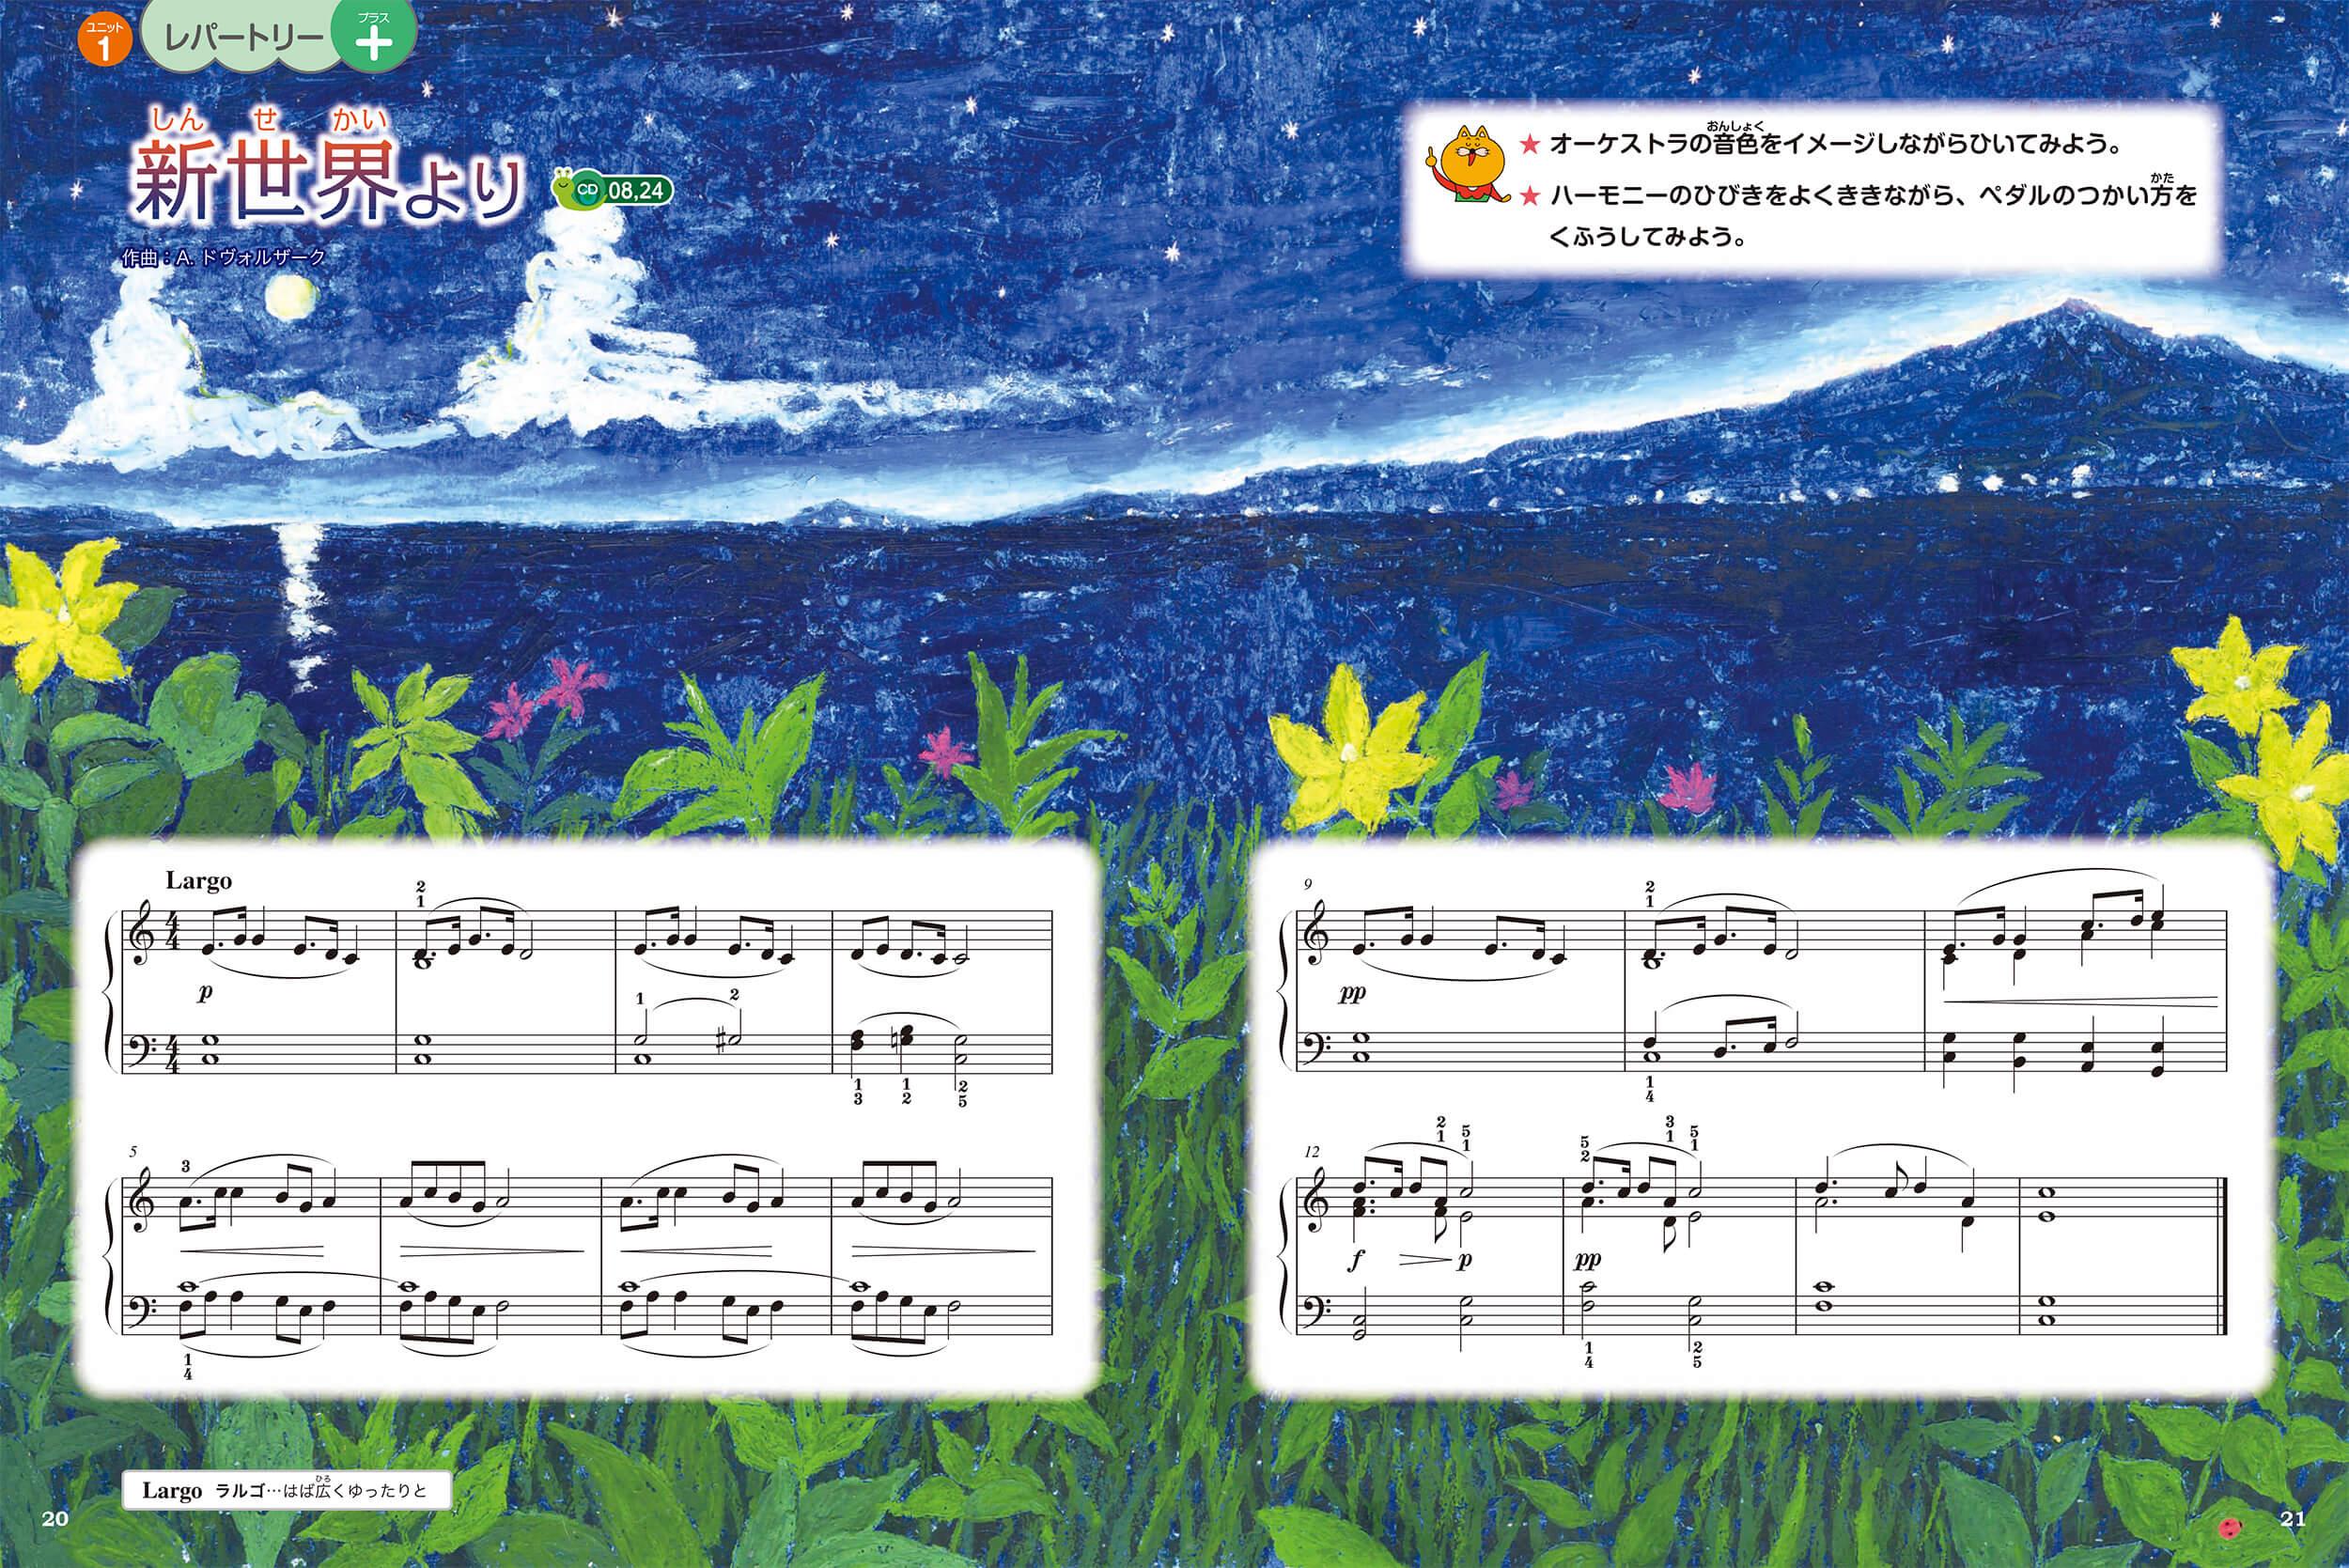 ヤマハ音楽教室楽譜 挿絵2016年「楽譜 夜景」